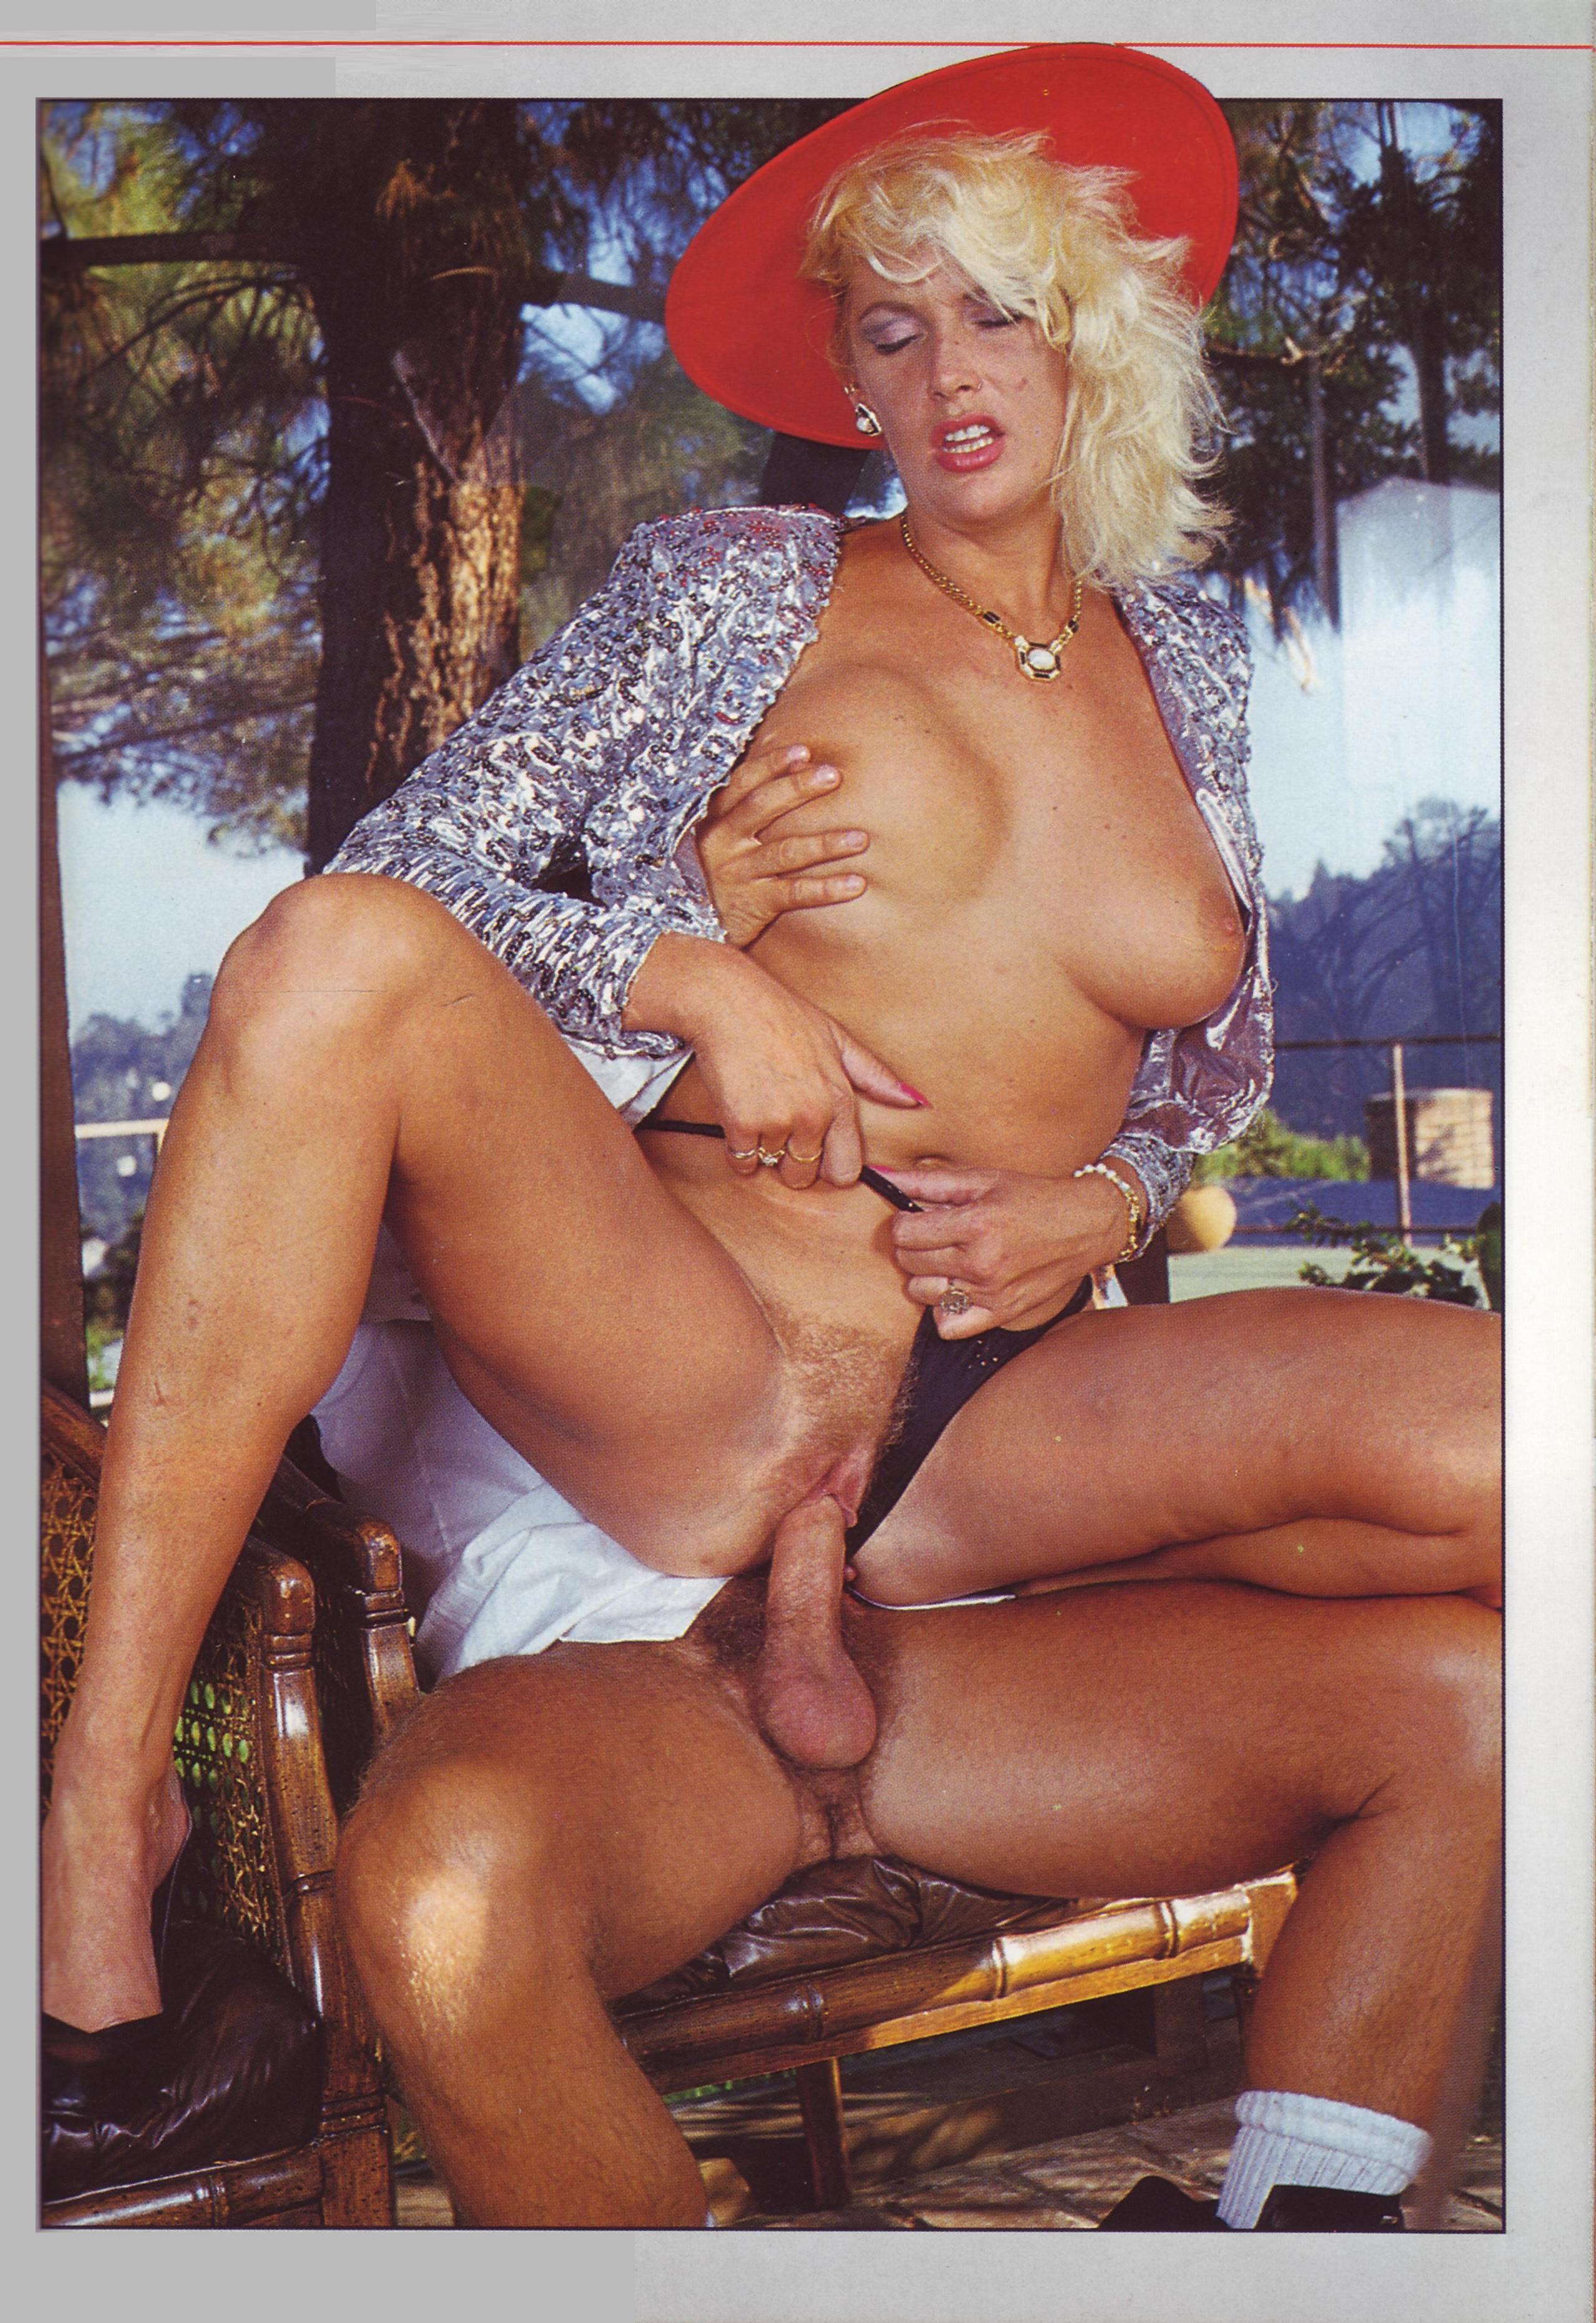 kino-onlayn-erotika-retro